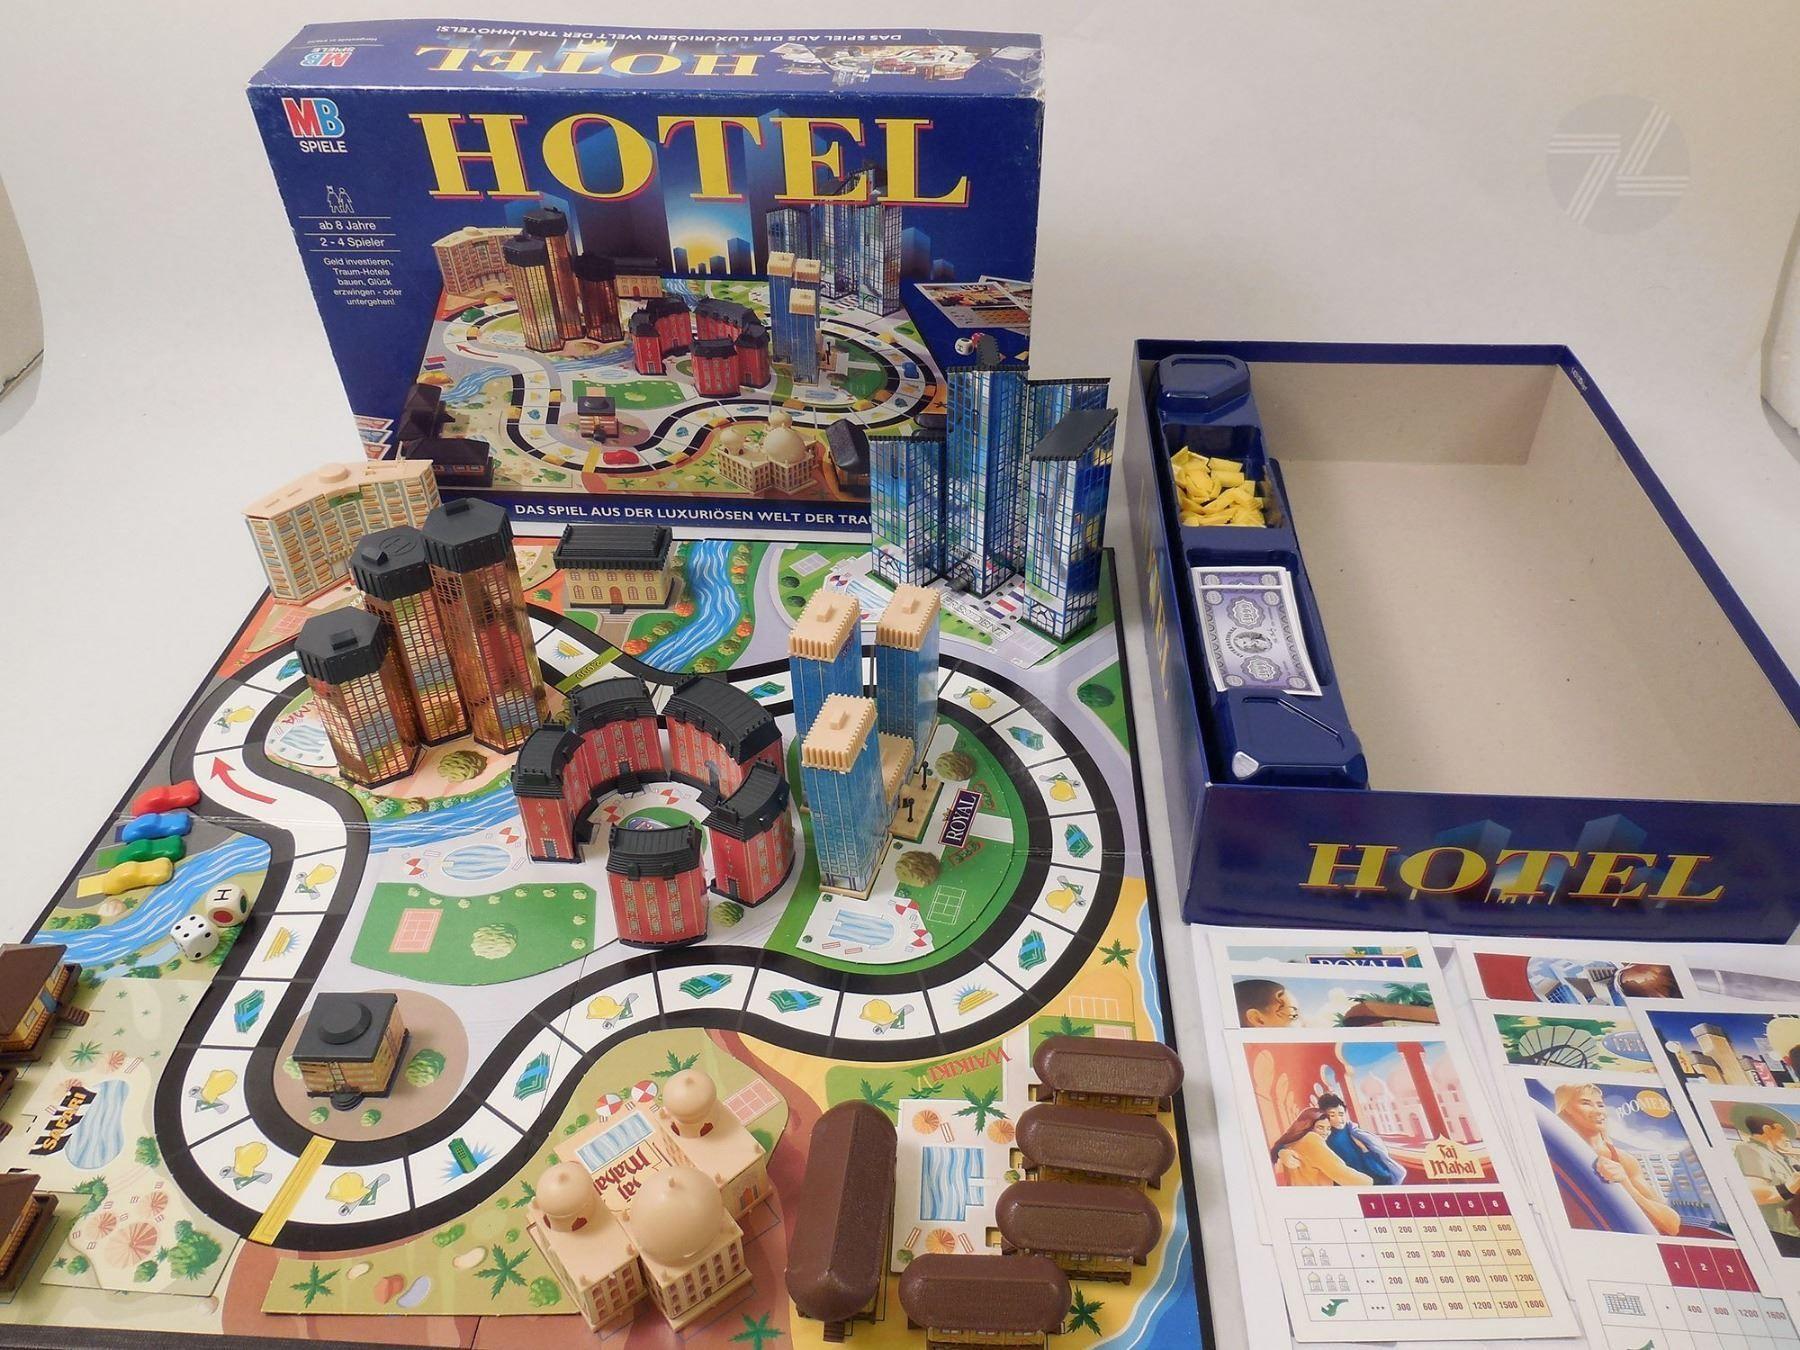 Hotel Brettspiel